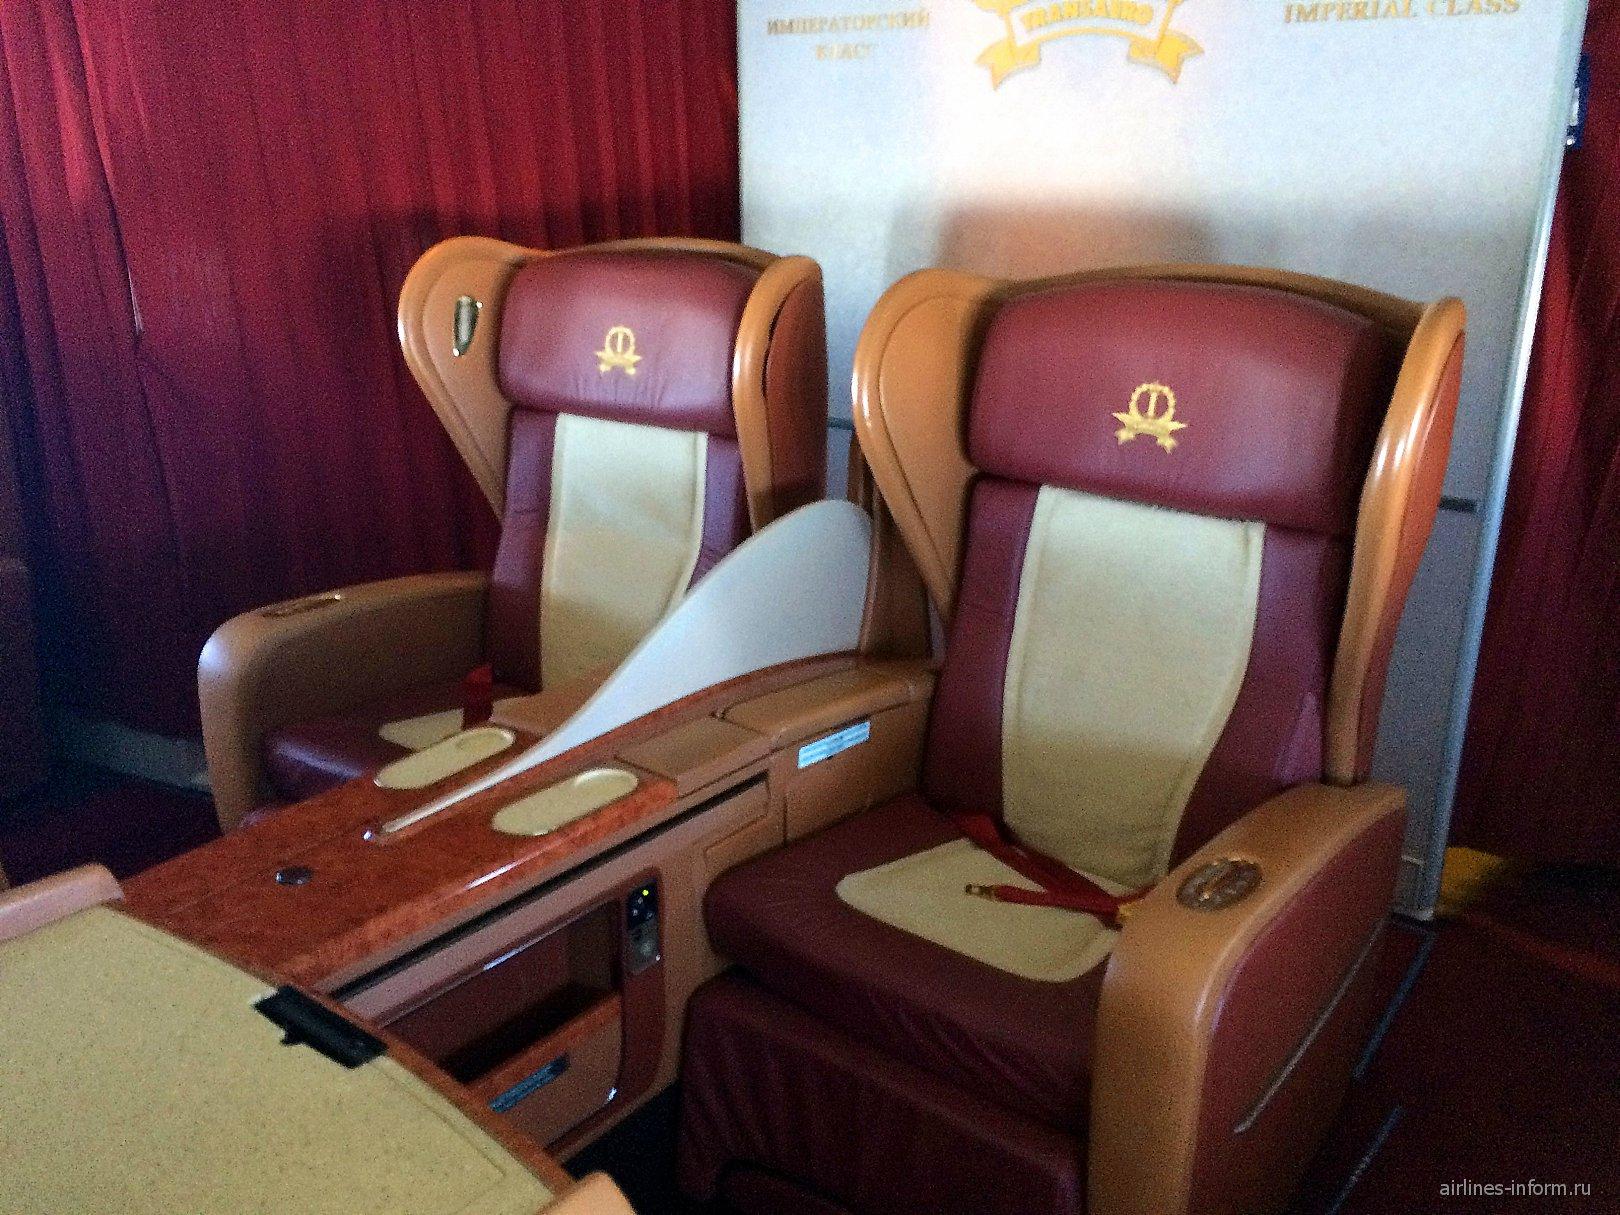 """Кресла класса """"Империал"""" в Боинге-747-400 авиакомпании """"Трансаэро"""""""